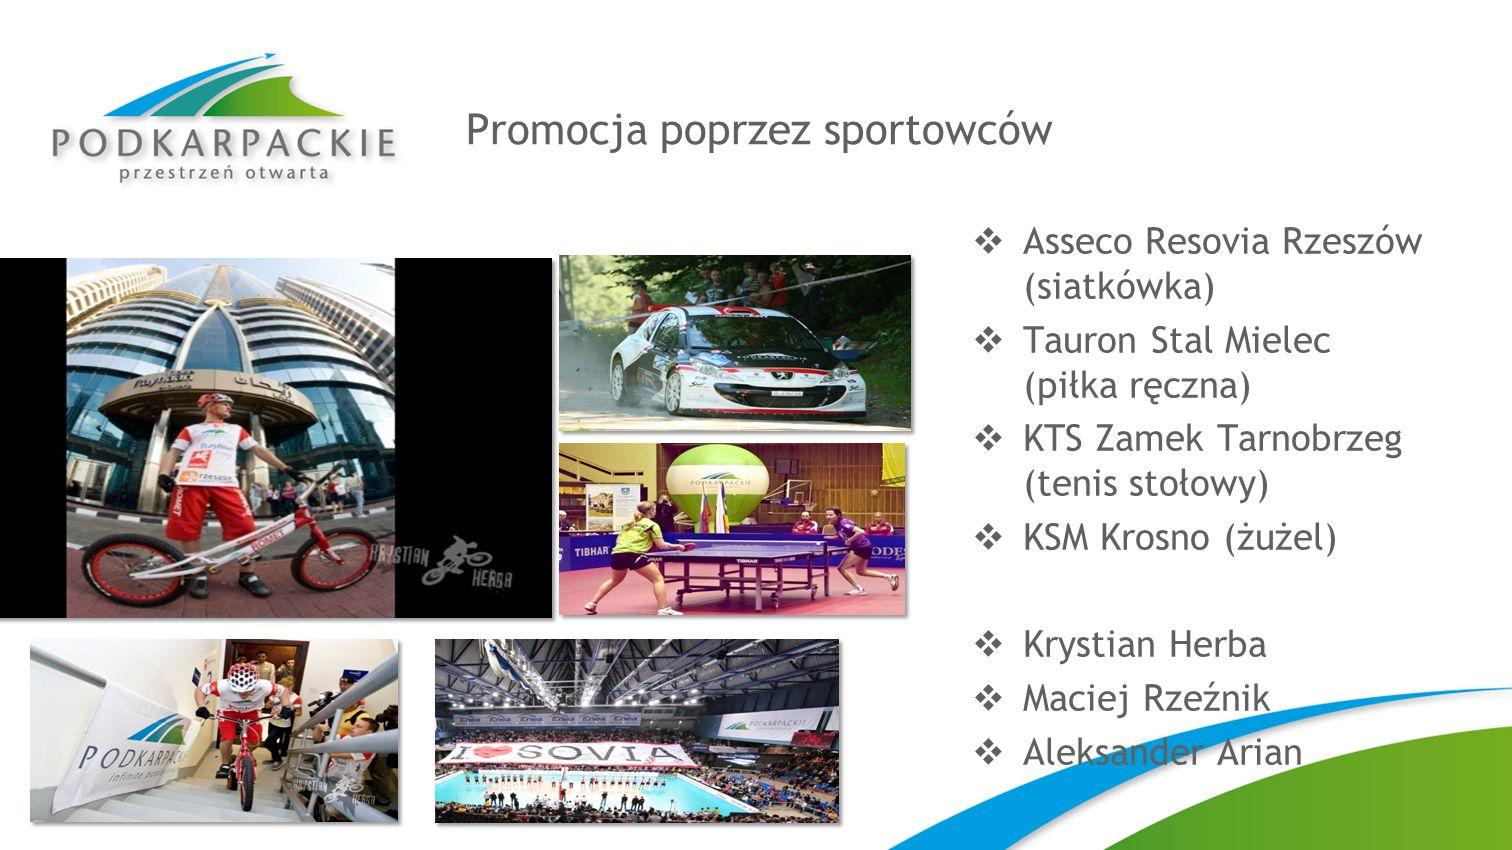 Promocja poprzez sportowców